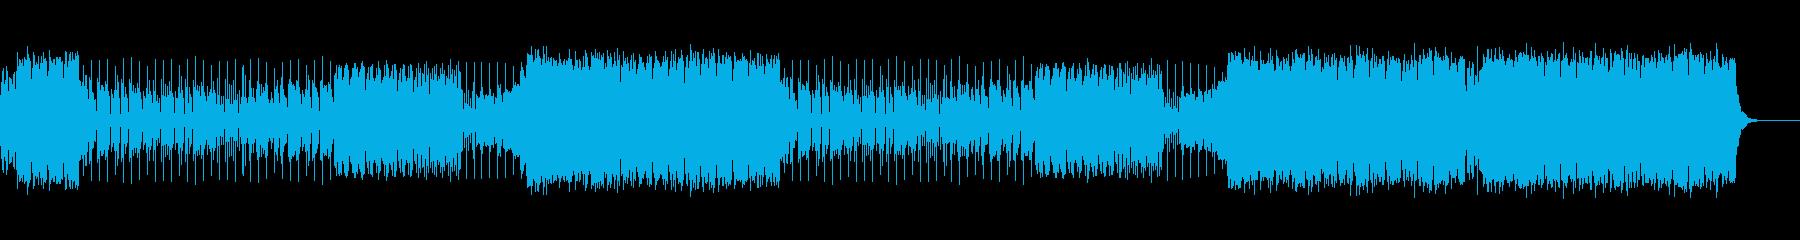 ベースの音が印象的なテックハウスの再生済みの波形